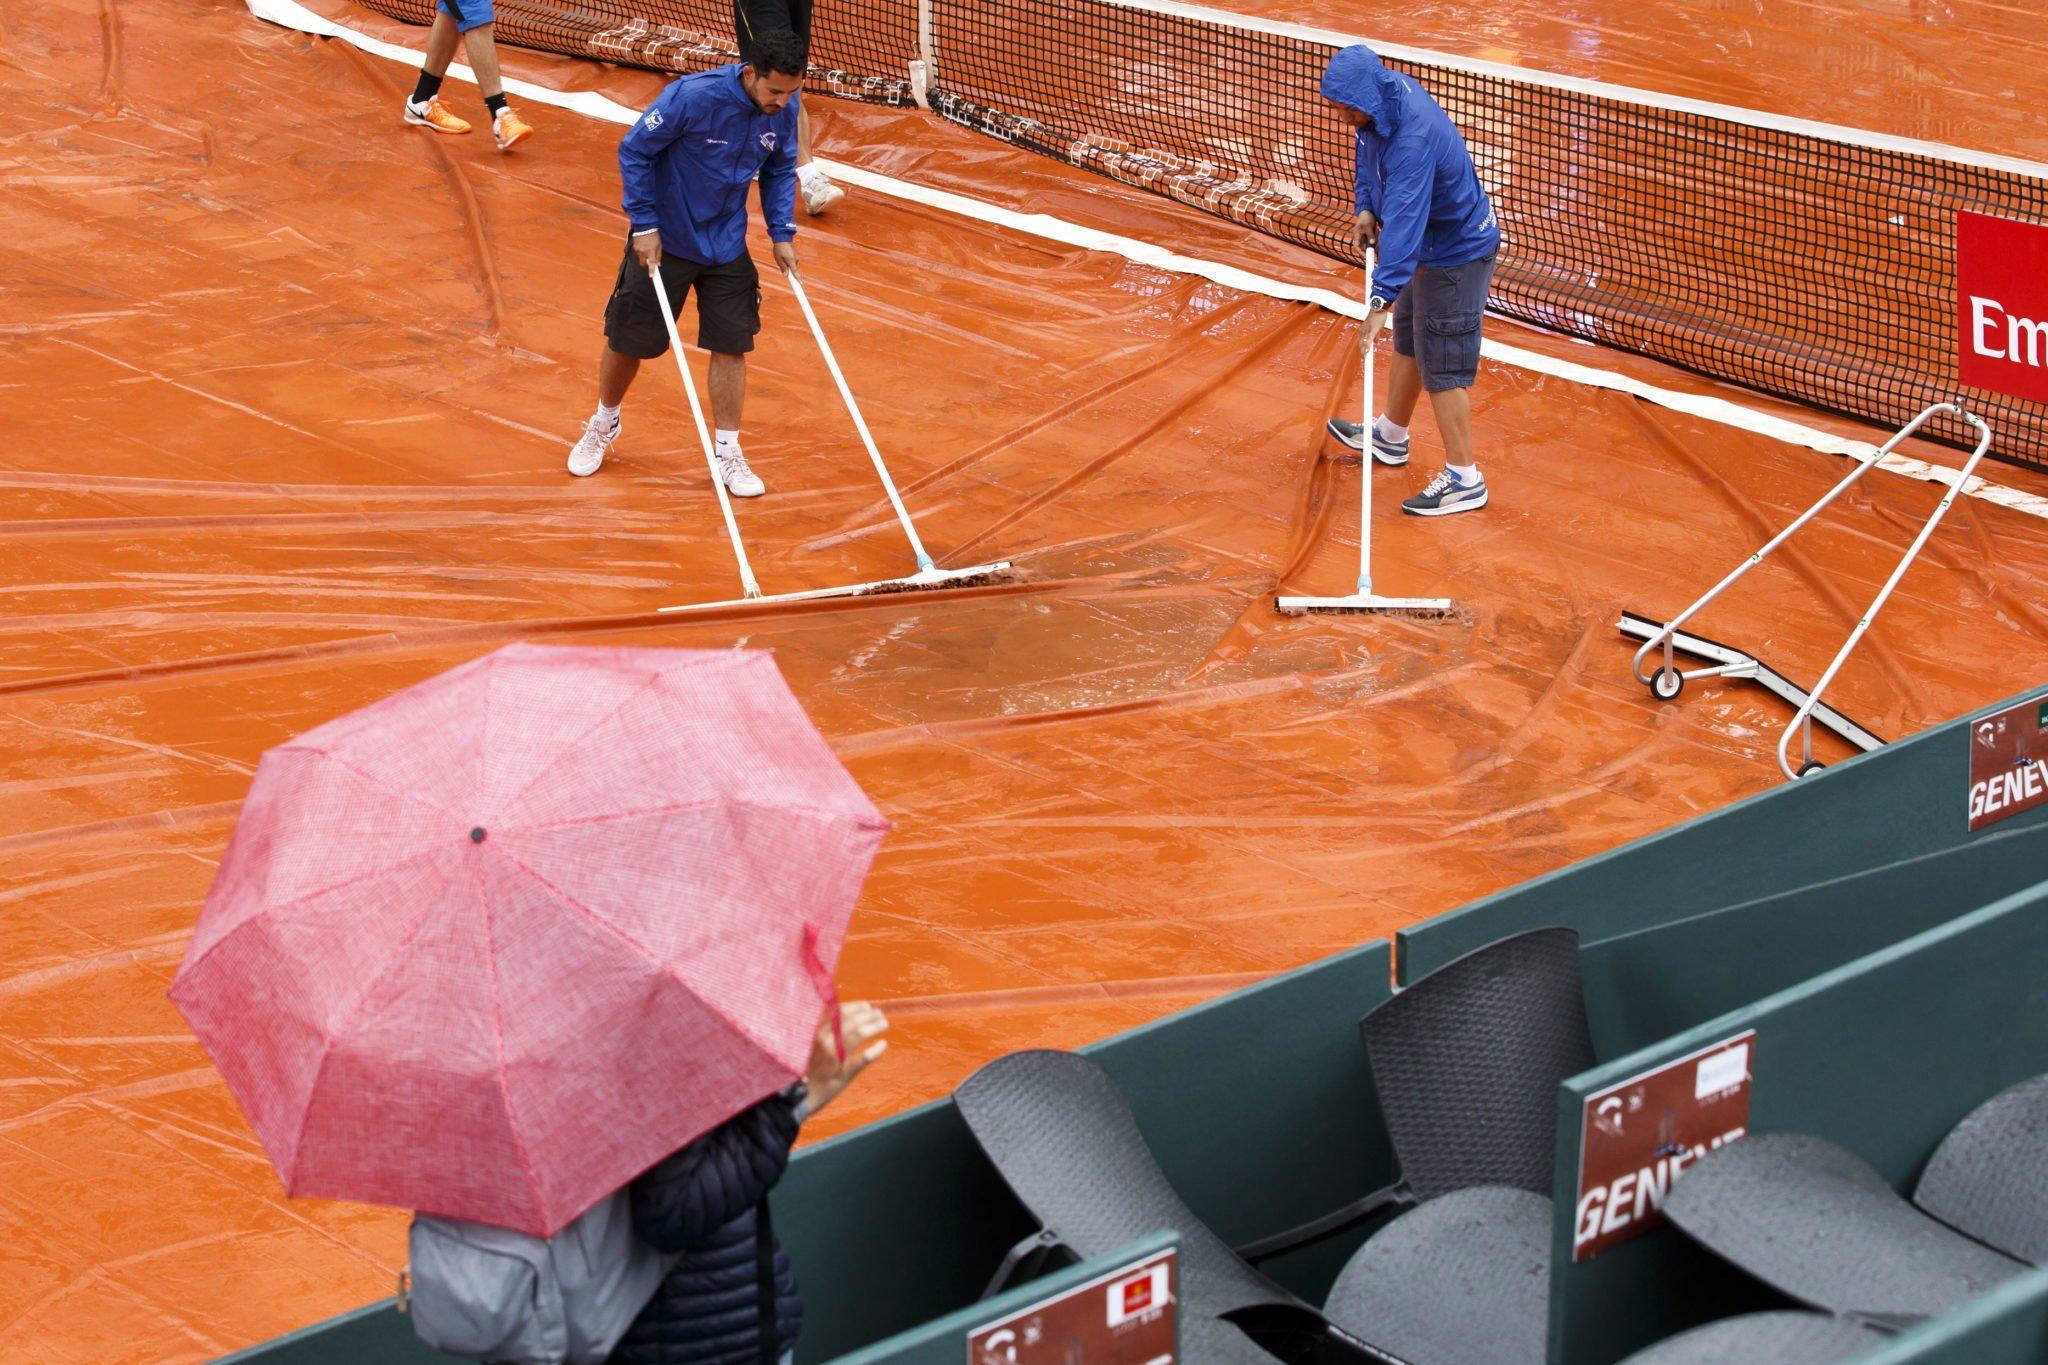 Szwajcaria, Genewa: personel usuwa wodę z osłony przeciwdeszczowej centralnego sądu przed drugą rundą meczu podczas turnieju Geneva Open, fot: Salvatore Di Nolfi, PAP/EPA